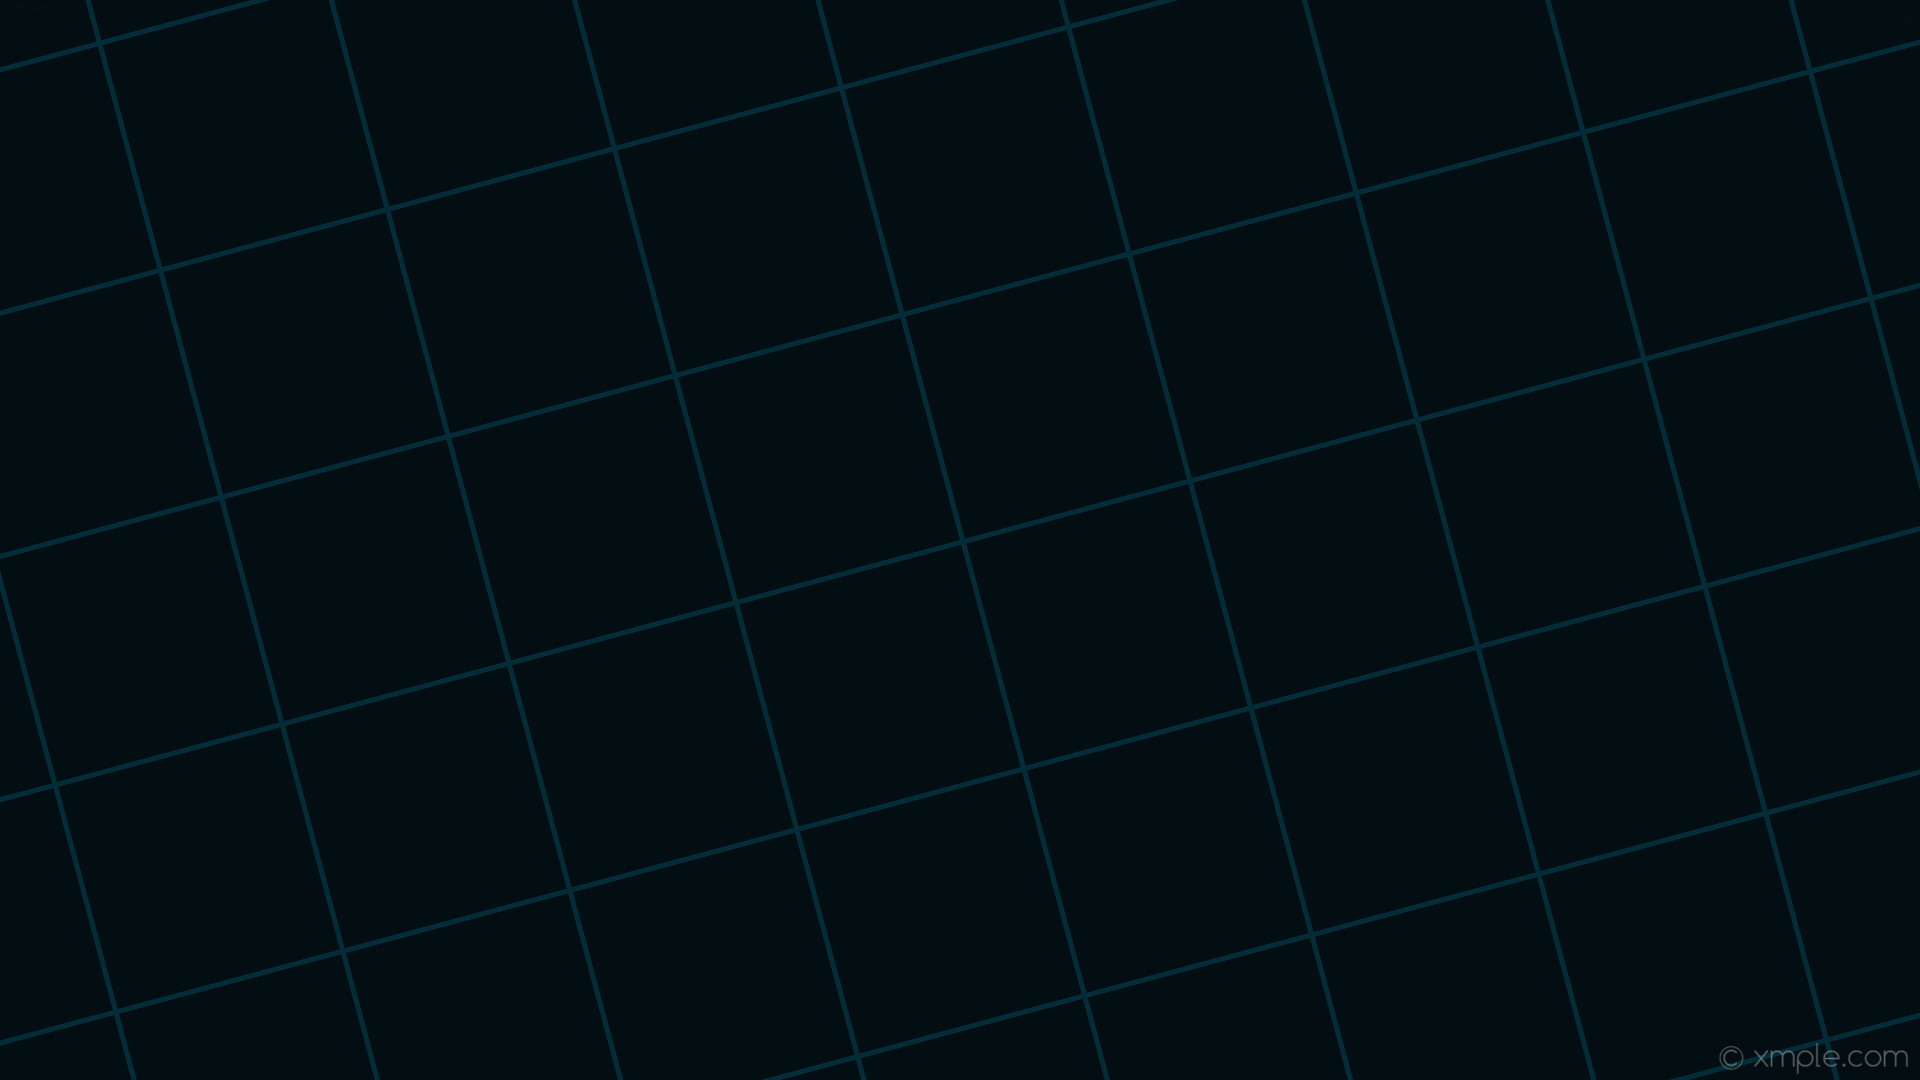 wallpaper black grid graph paper cyan dark cyan #020e12 #033949 15° 5px  235px